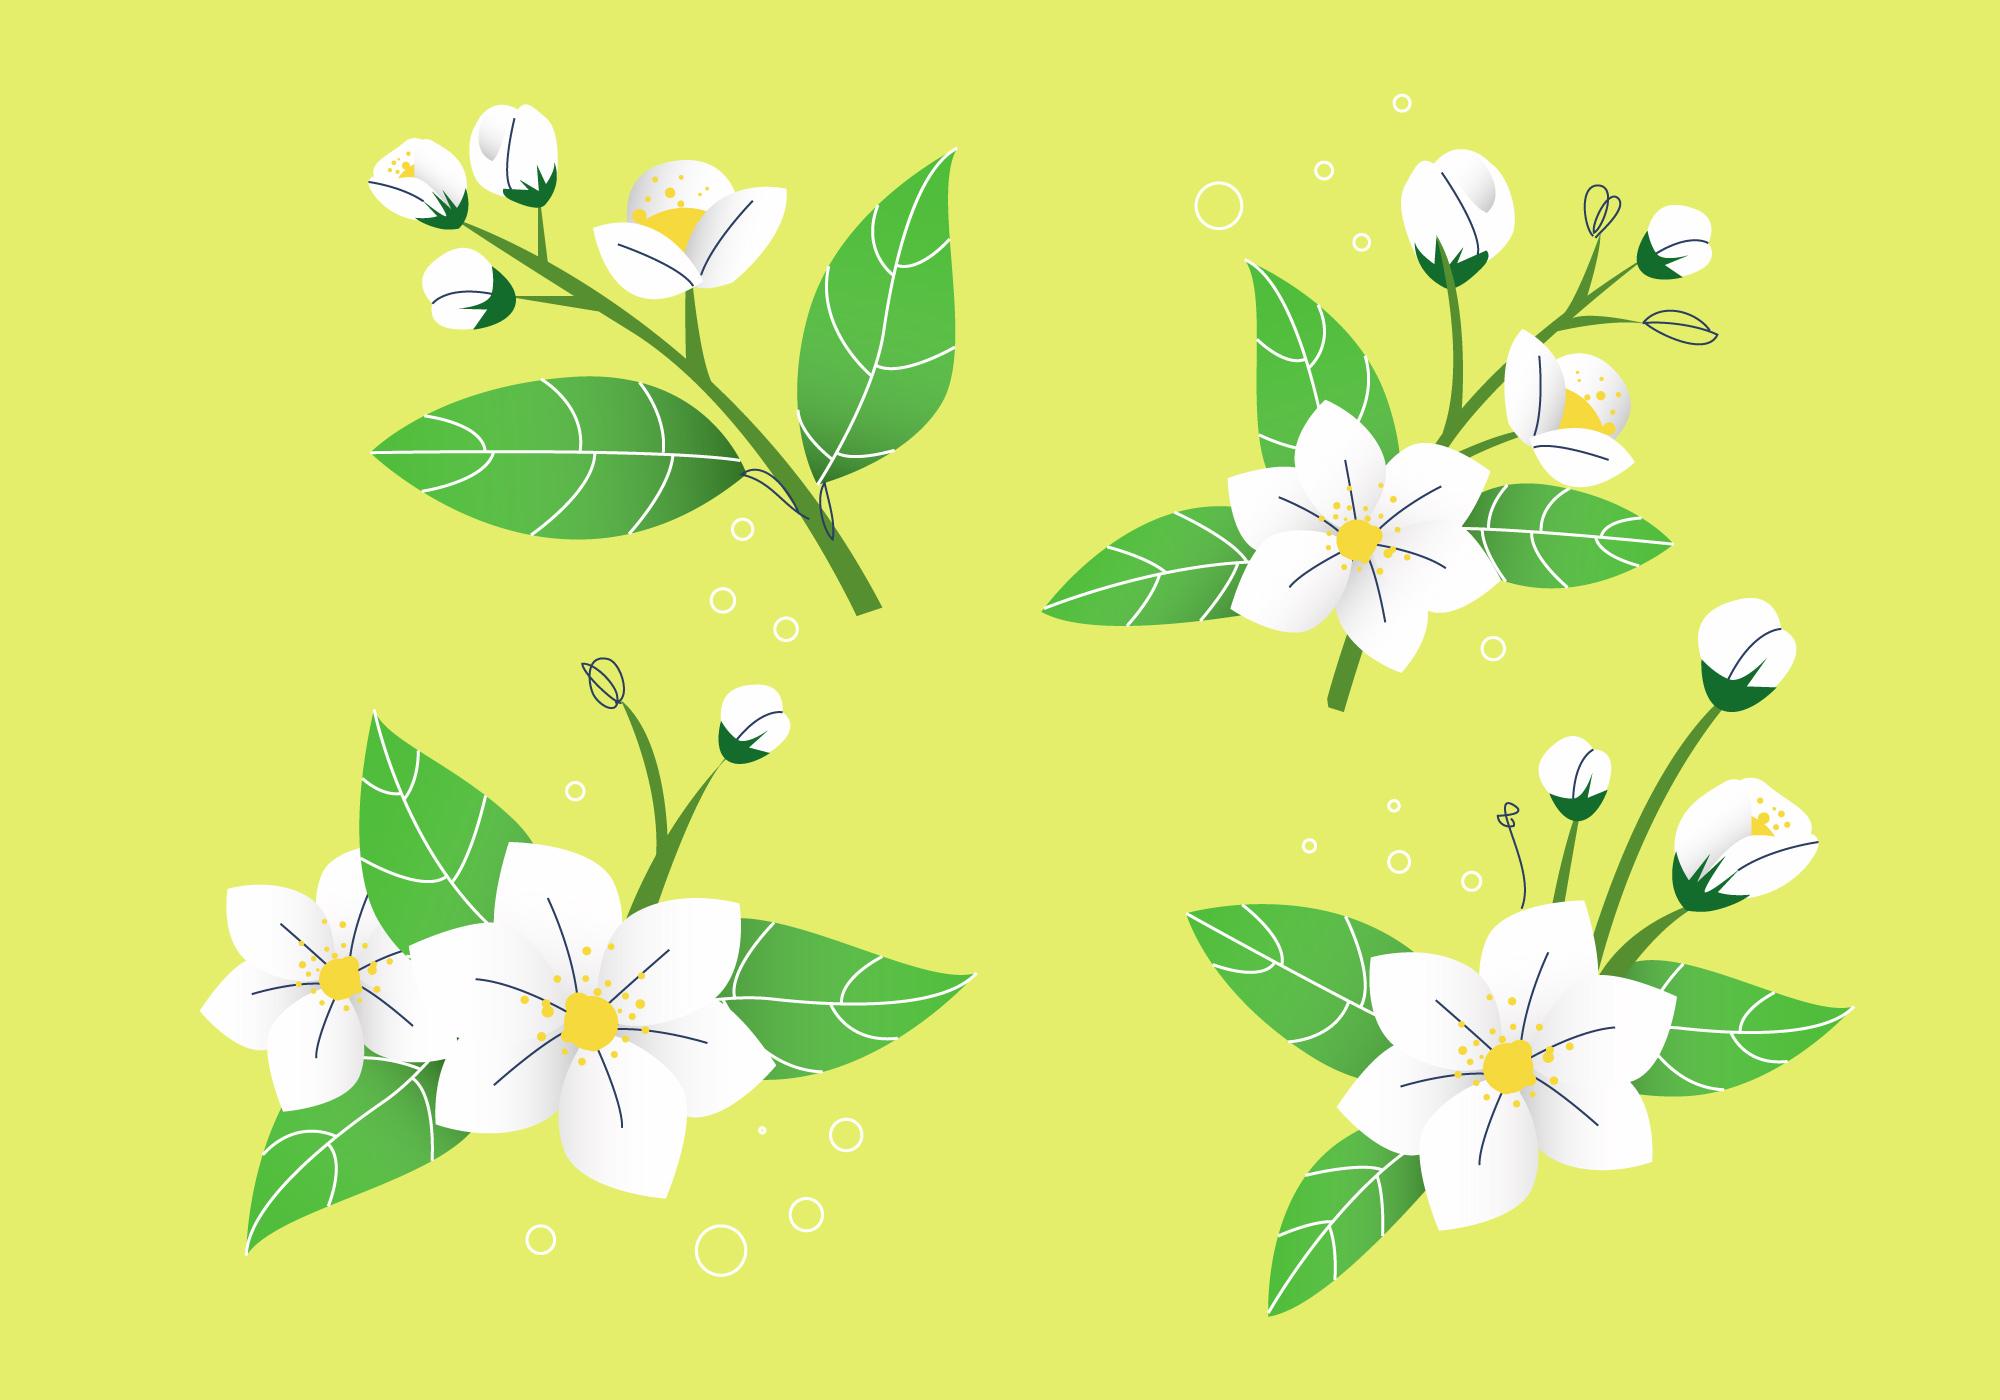 2000x1400 Petals Free Vector Art